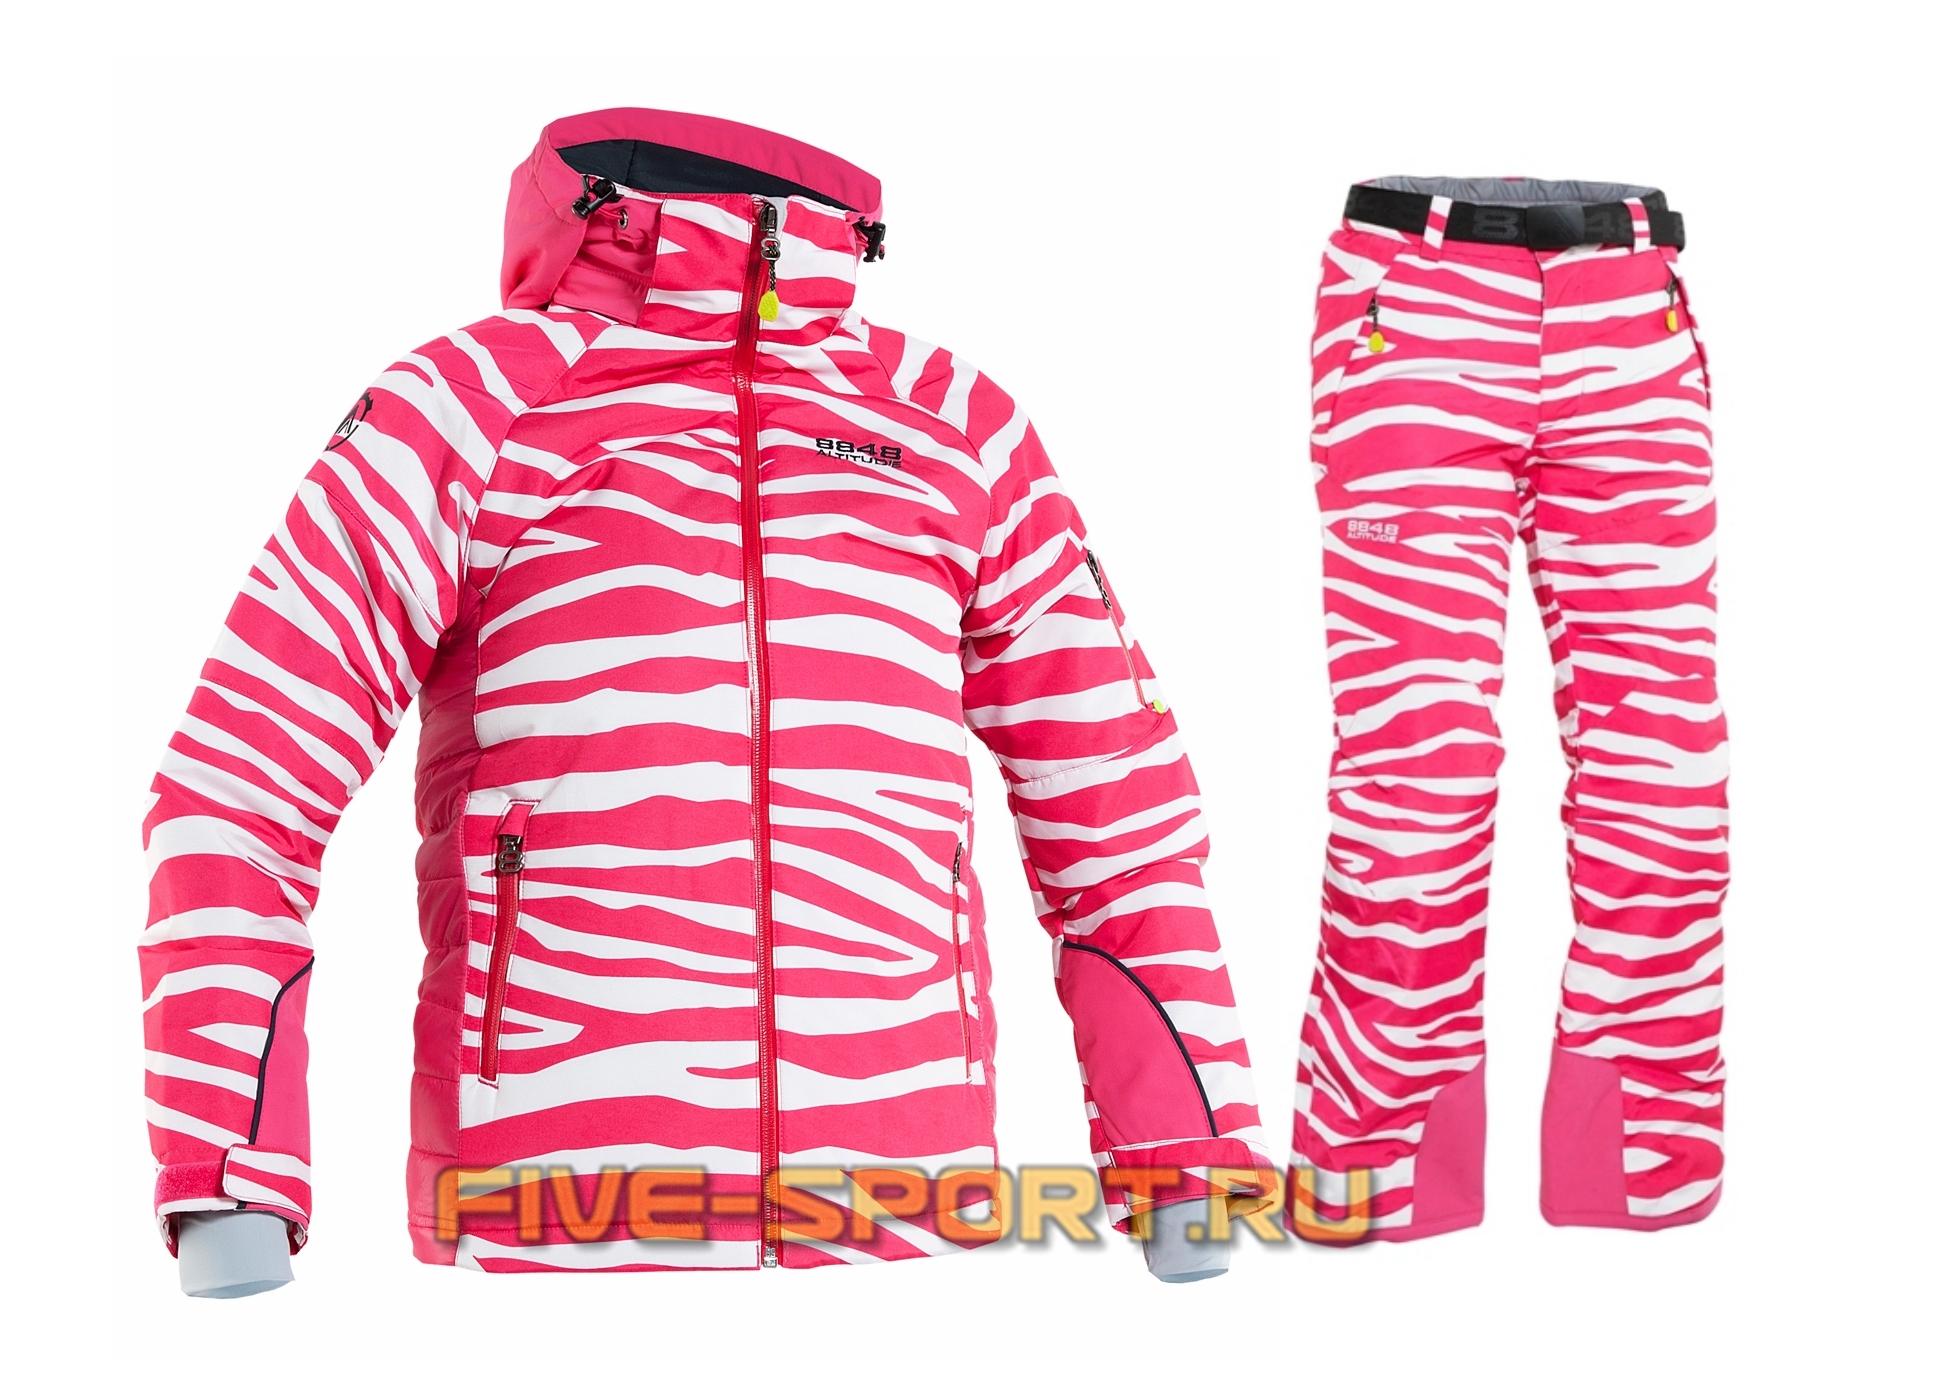 Костюм 8848 Altitude Rosalee/Cornwall детский Cerise Zebra